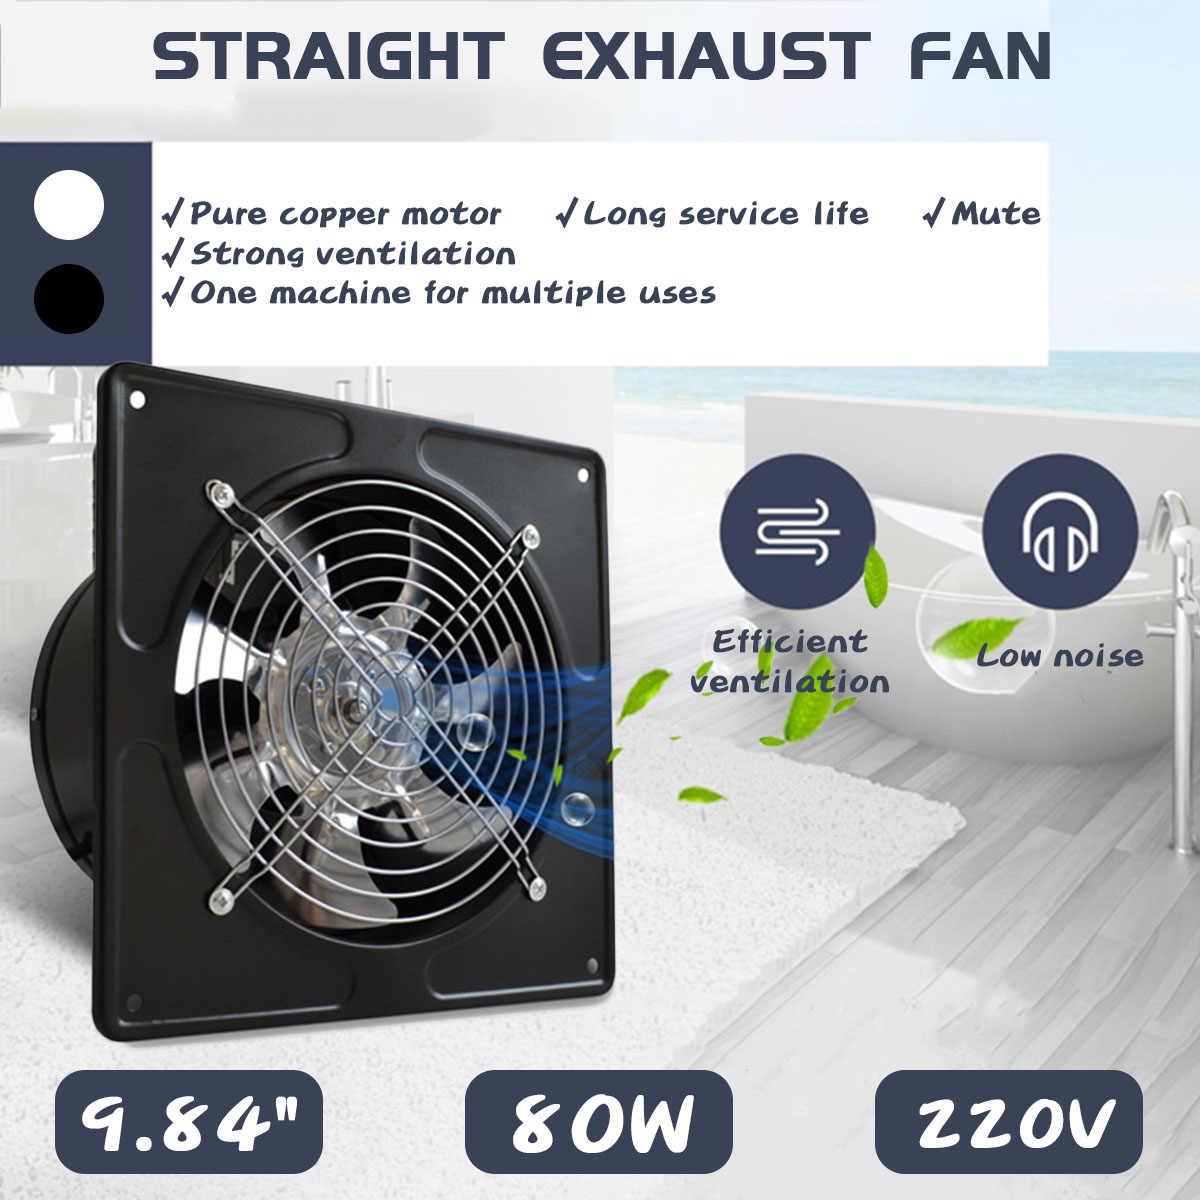 8inch metal exhaust fan high speed mute air extractor window ventilation fan for kitchen ventilator axial industrial wall fan